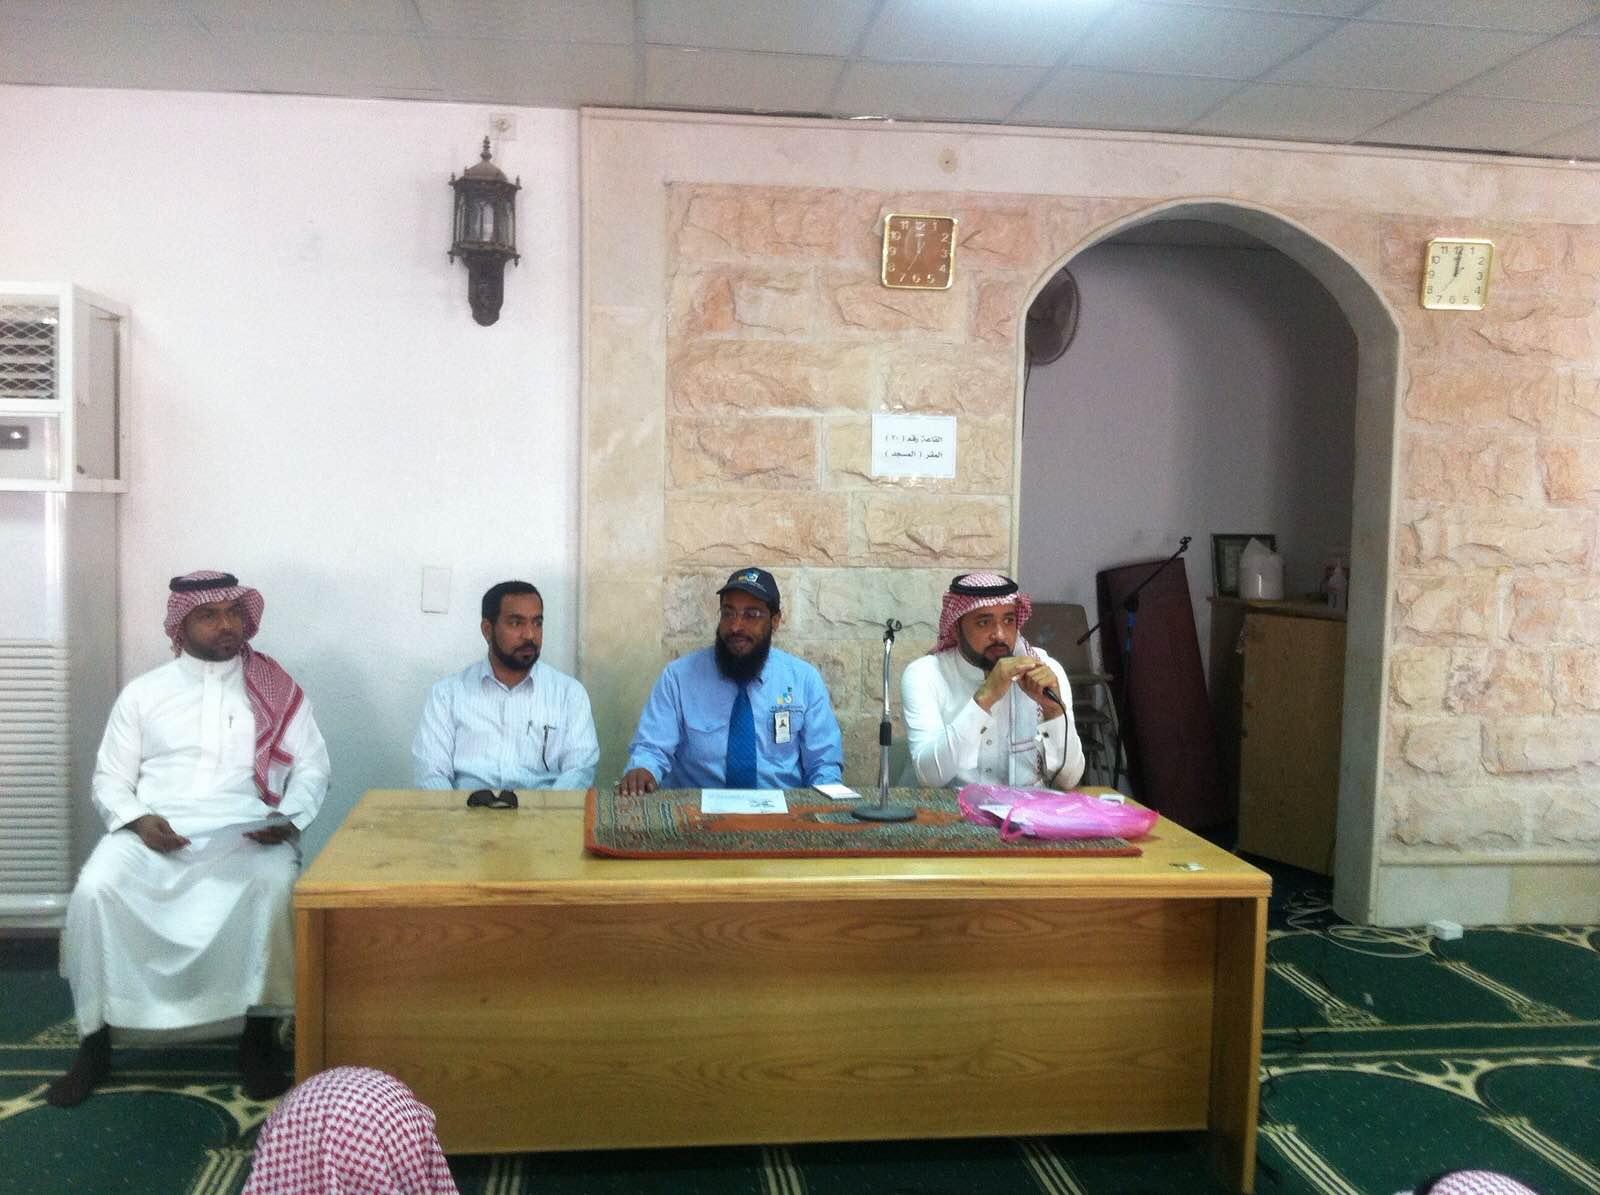 المعهد الثانوي الصناعي يقيم اللقاء التعريفي بمدرسة الملك خالد الثانوية بالهفوف